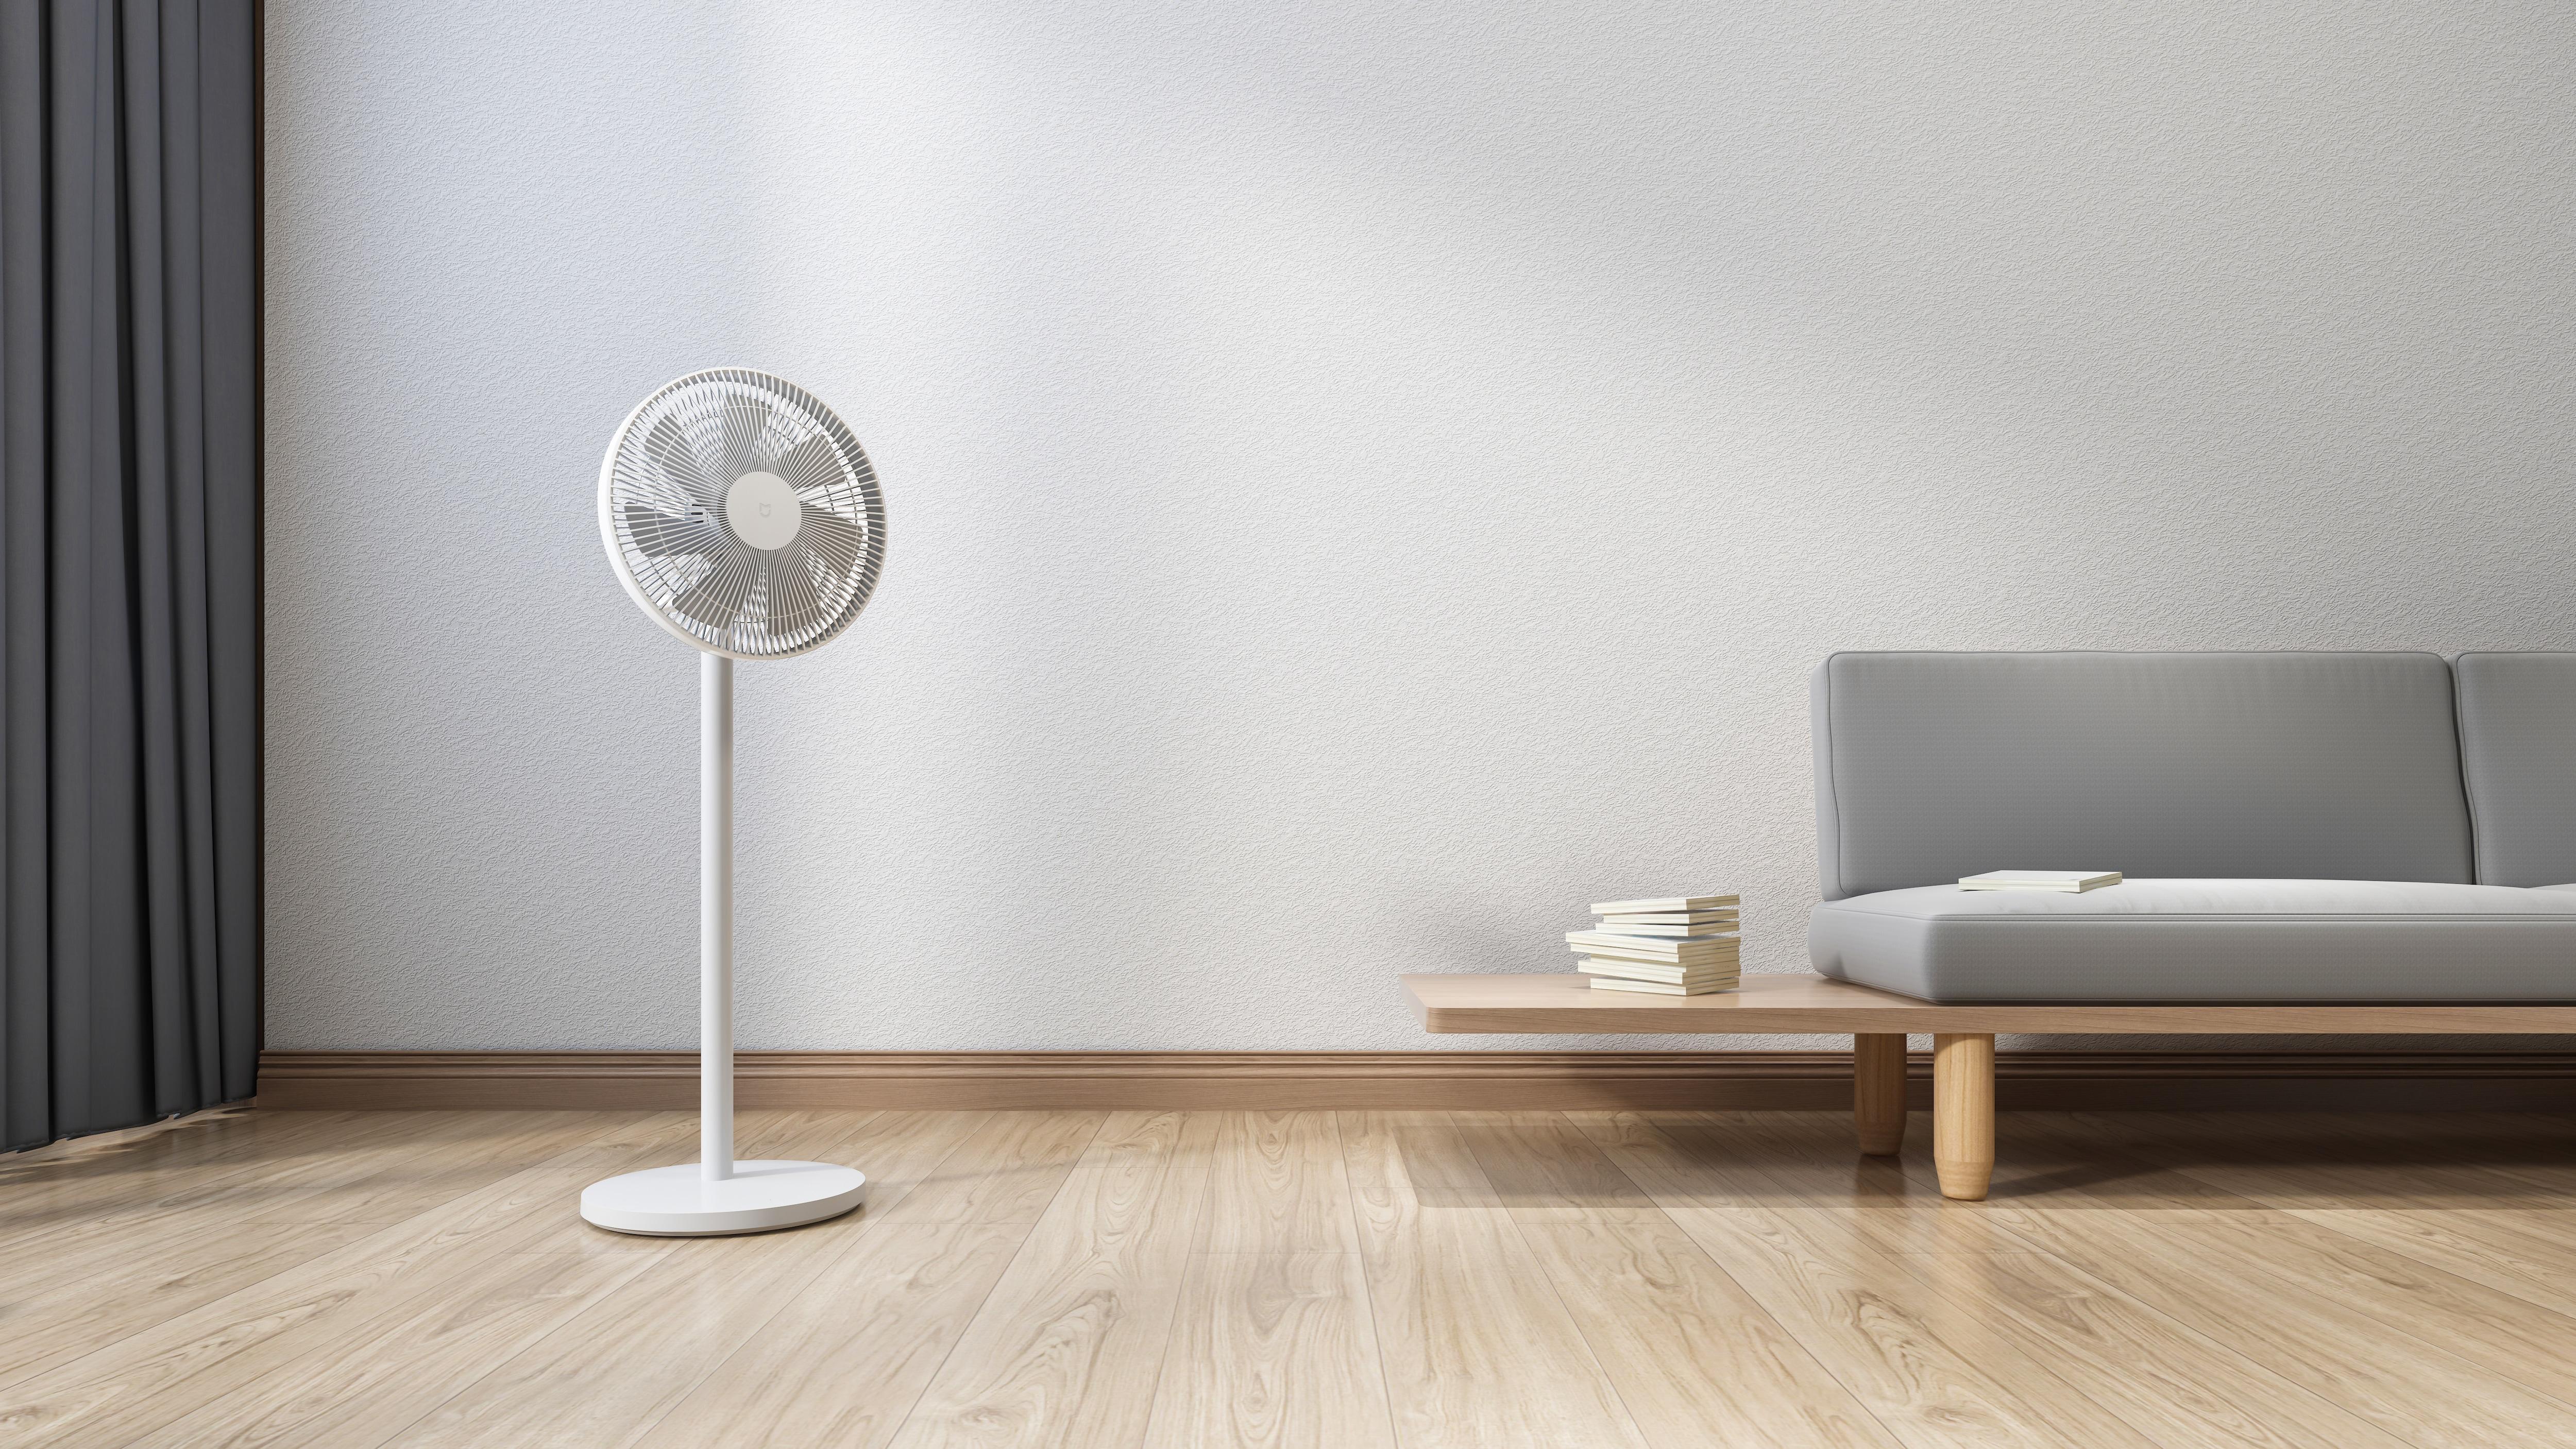 Mi Smart Standing Fan 1C (4)